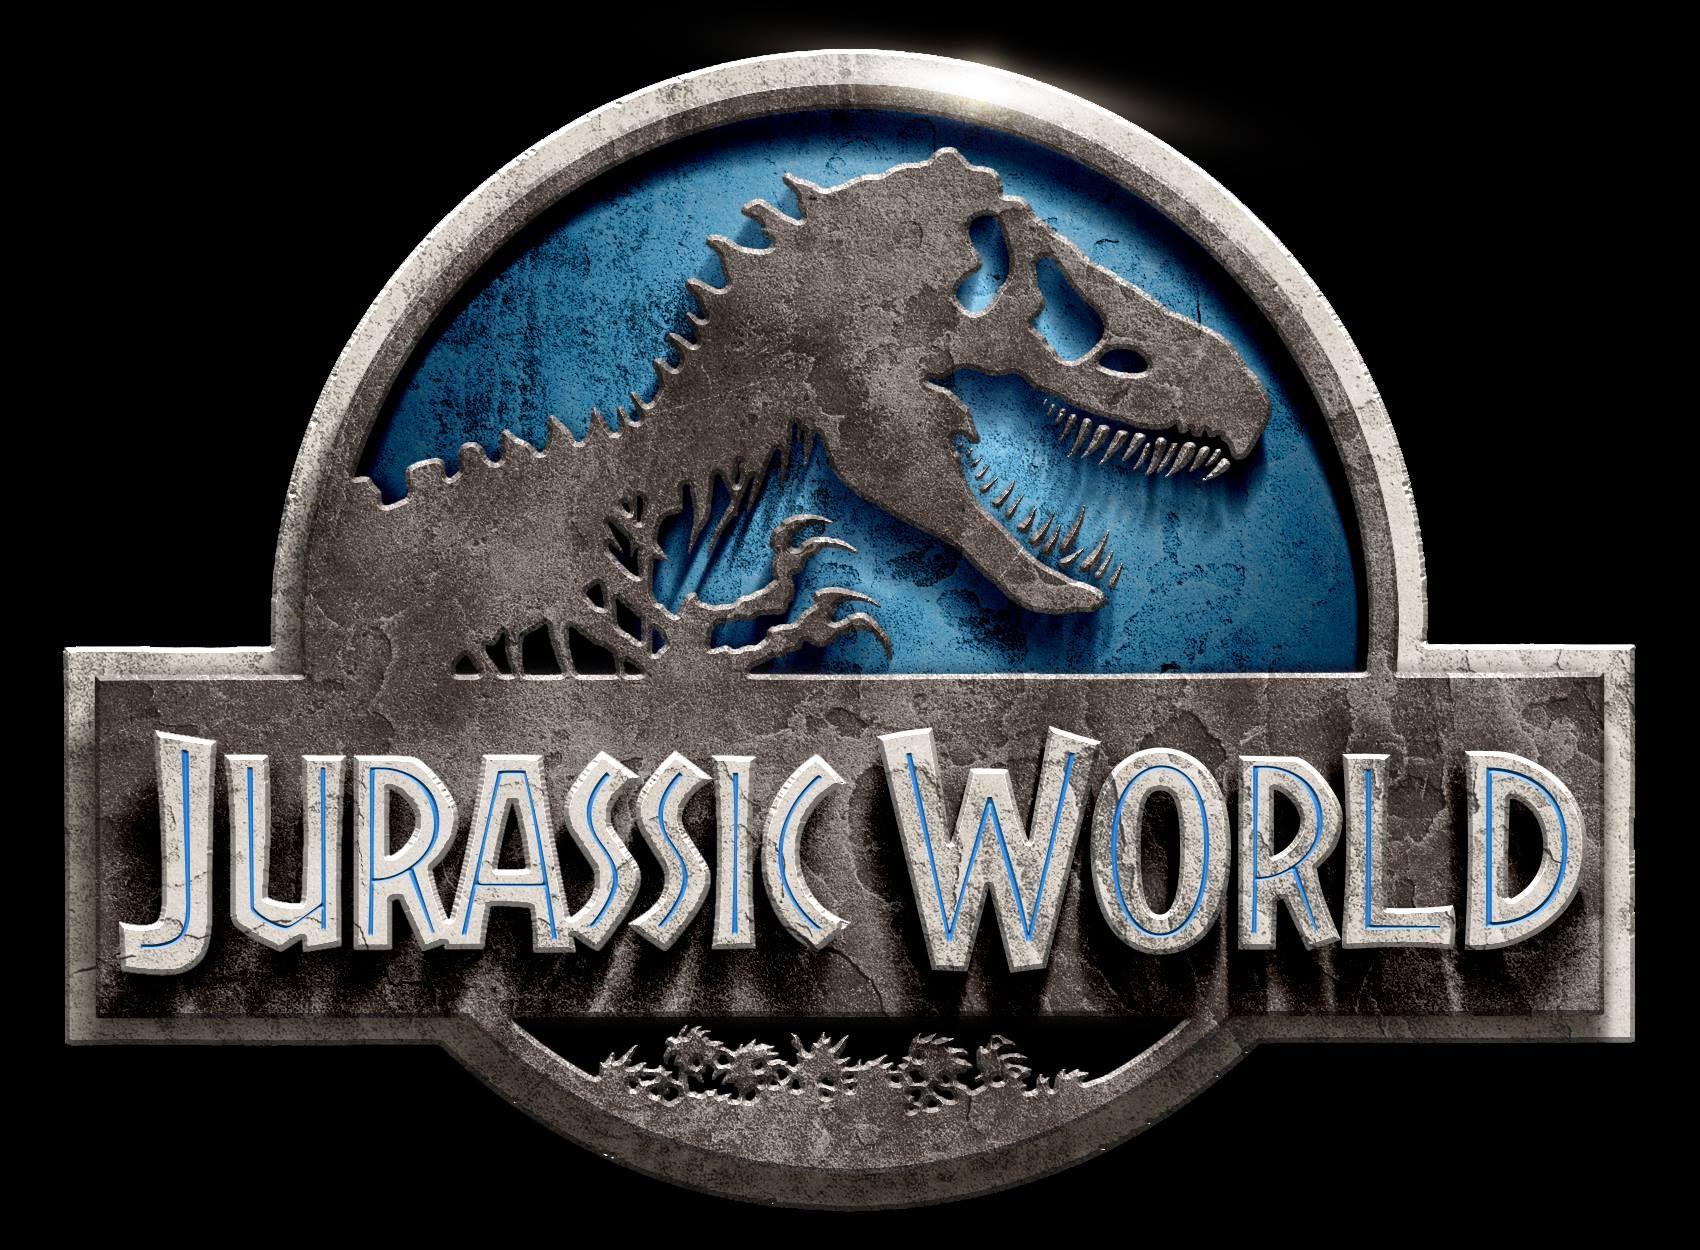 Jurassic World Wallpaper 1700x1250